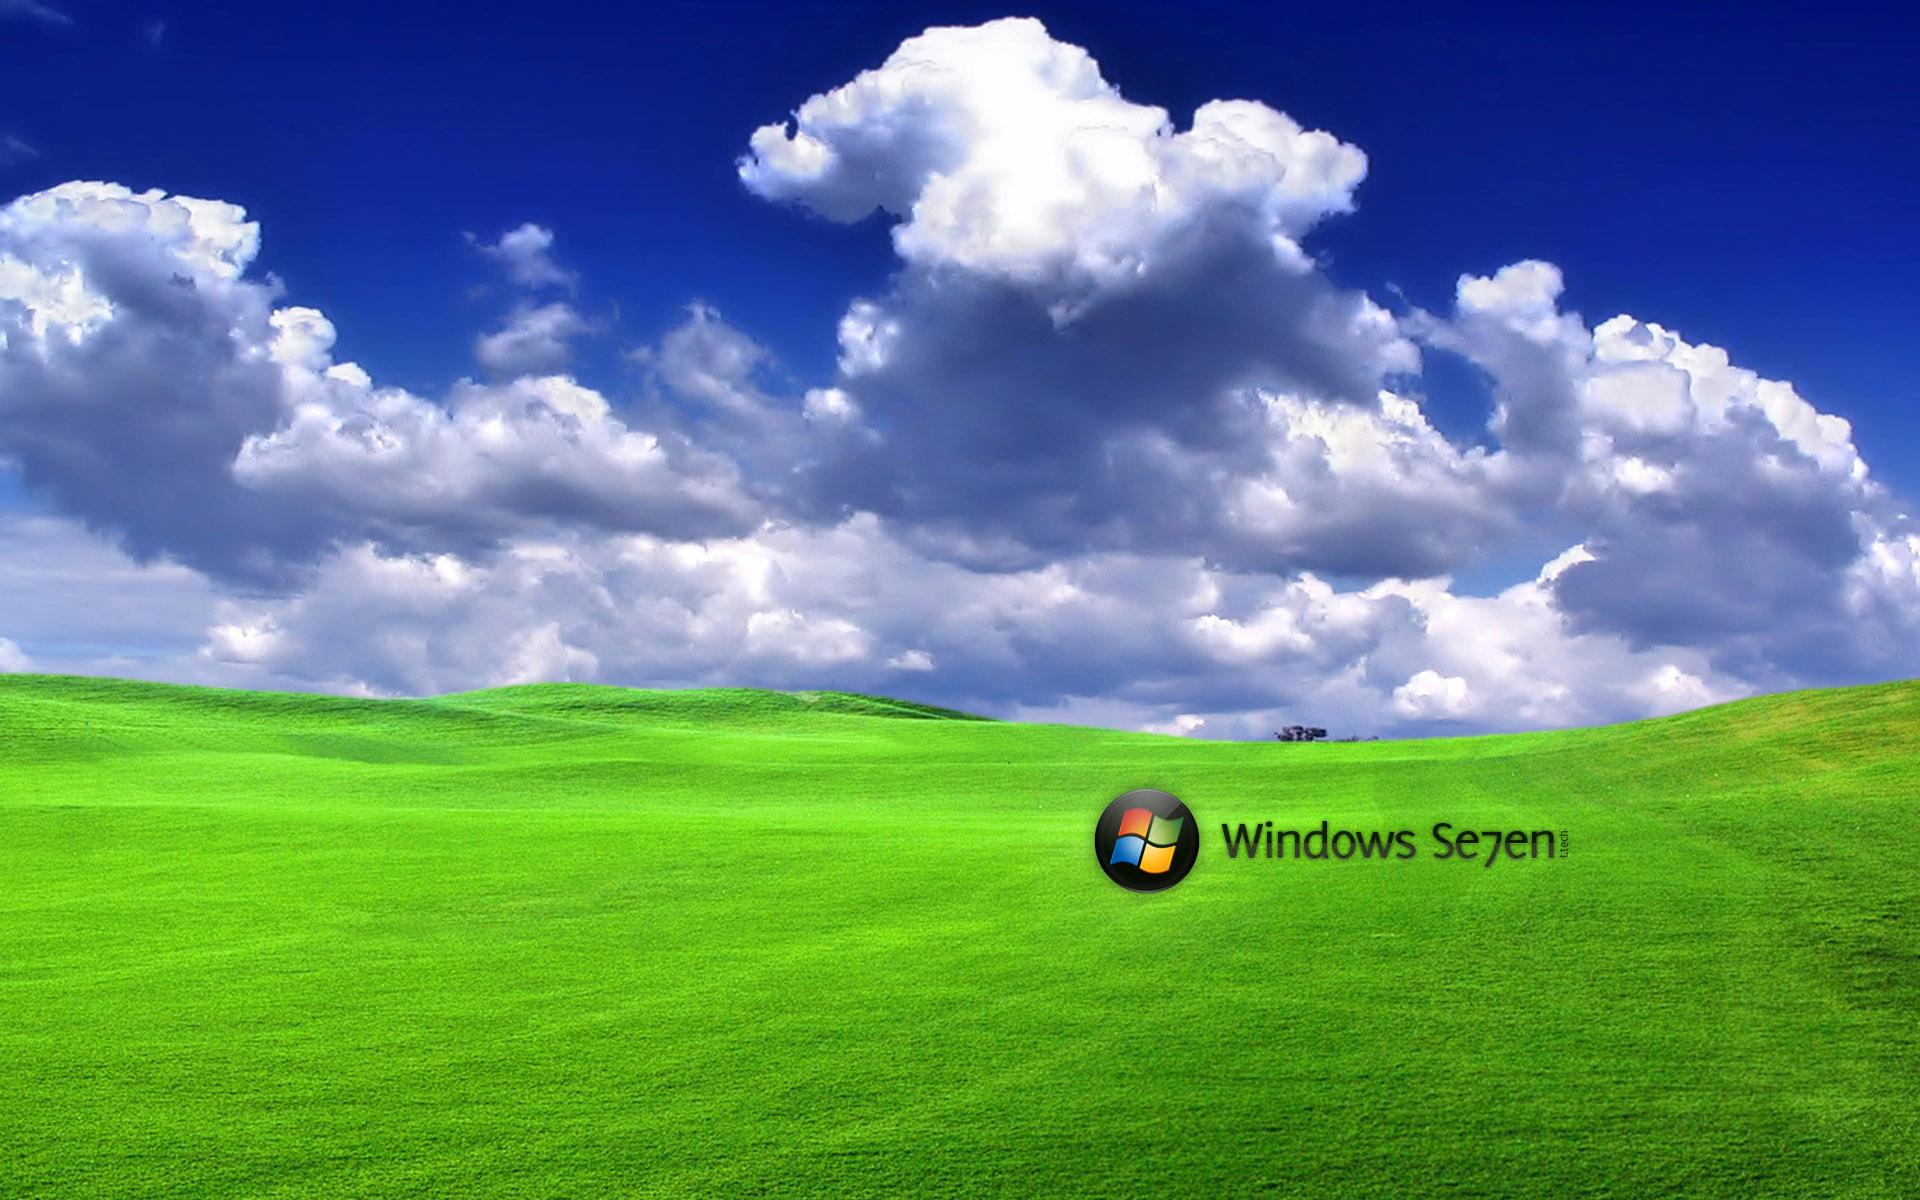 Windows 10 Wallpaper Downlaod 12441 Wallpaper High Resolution 1920x1200